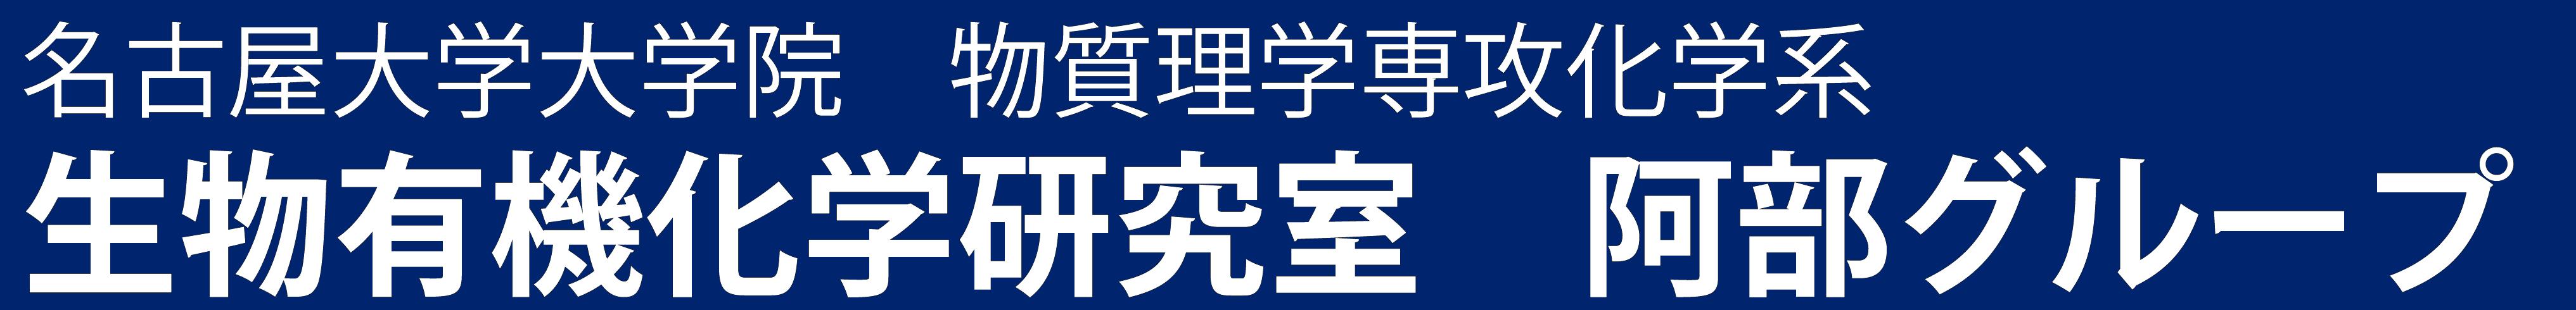 名古屋大学大学院 物質理学専攻化学系 生物有機化学研究室 阿部グループ